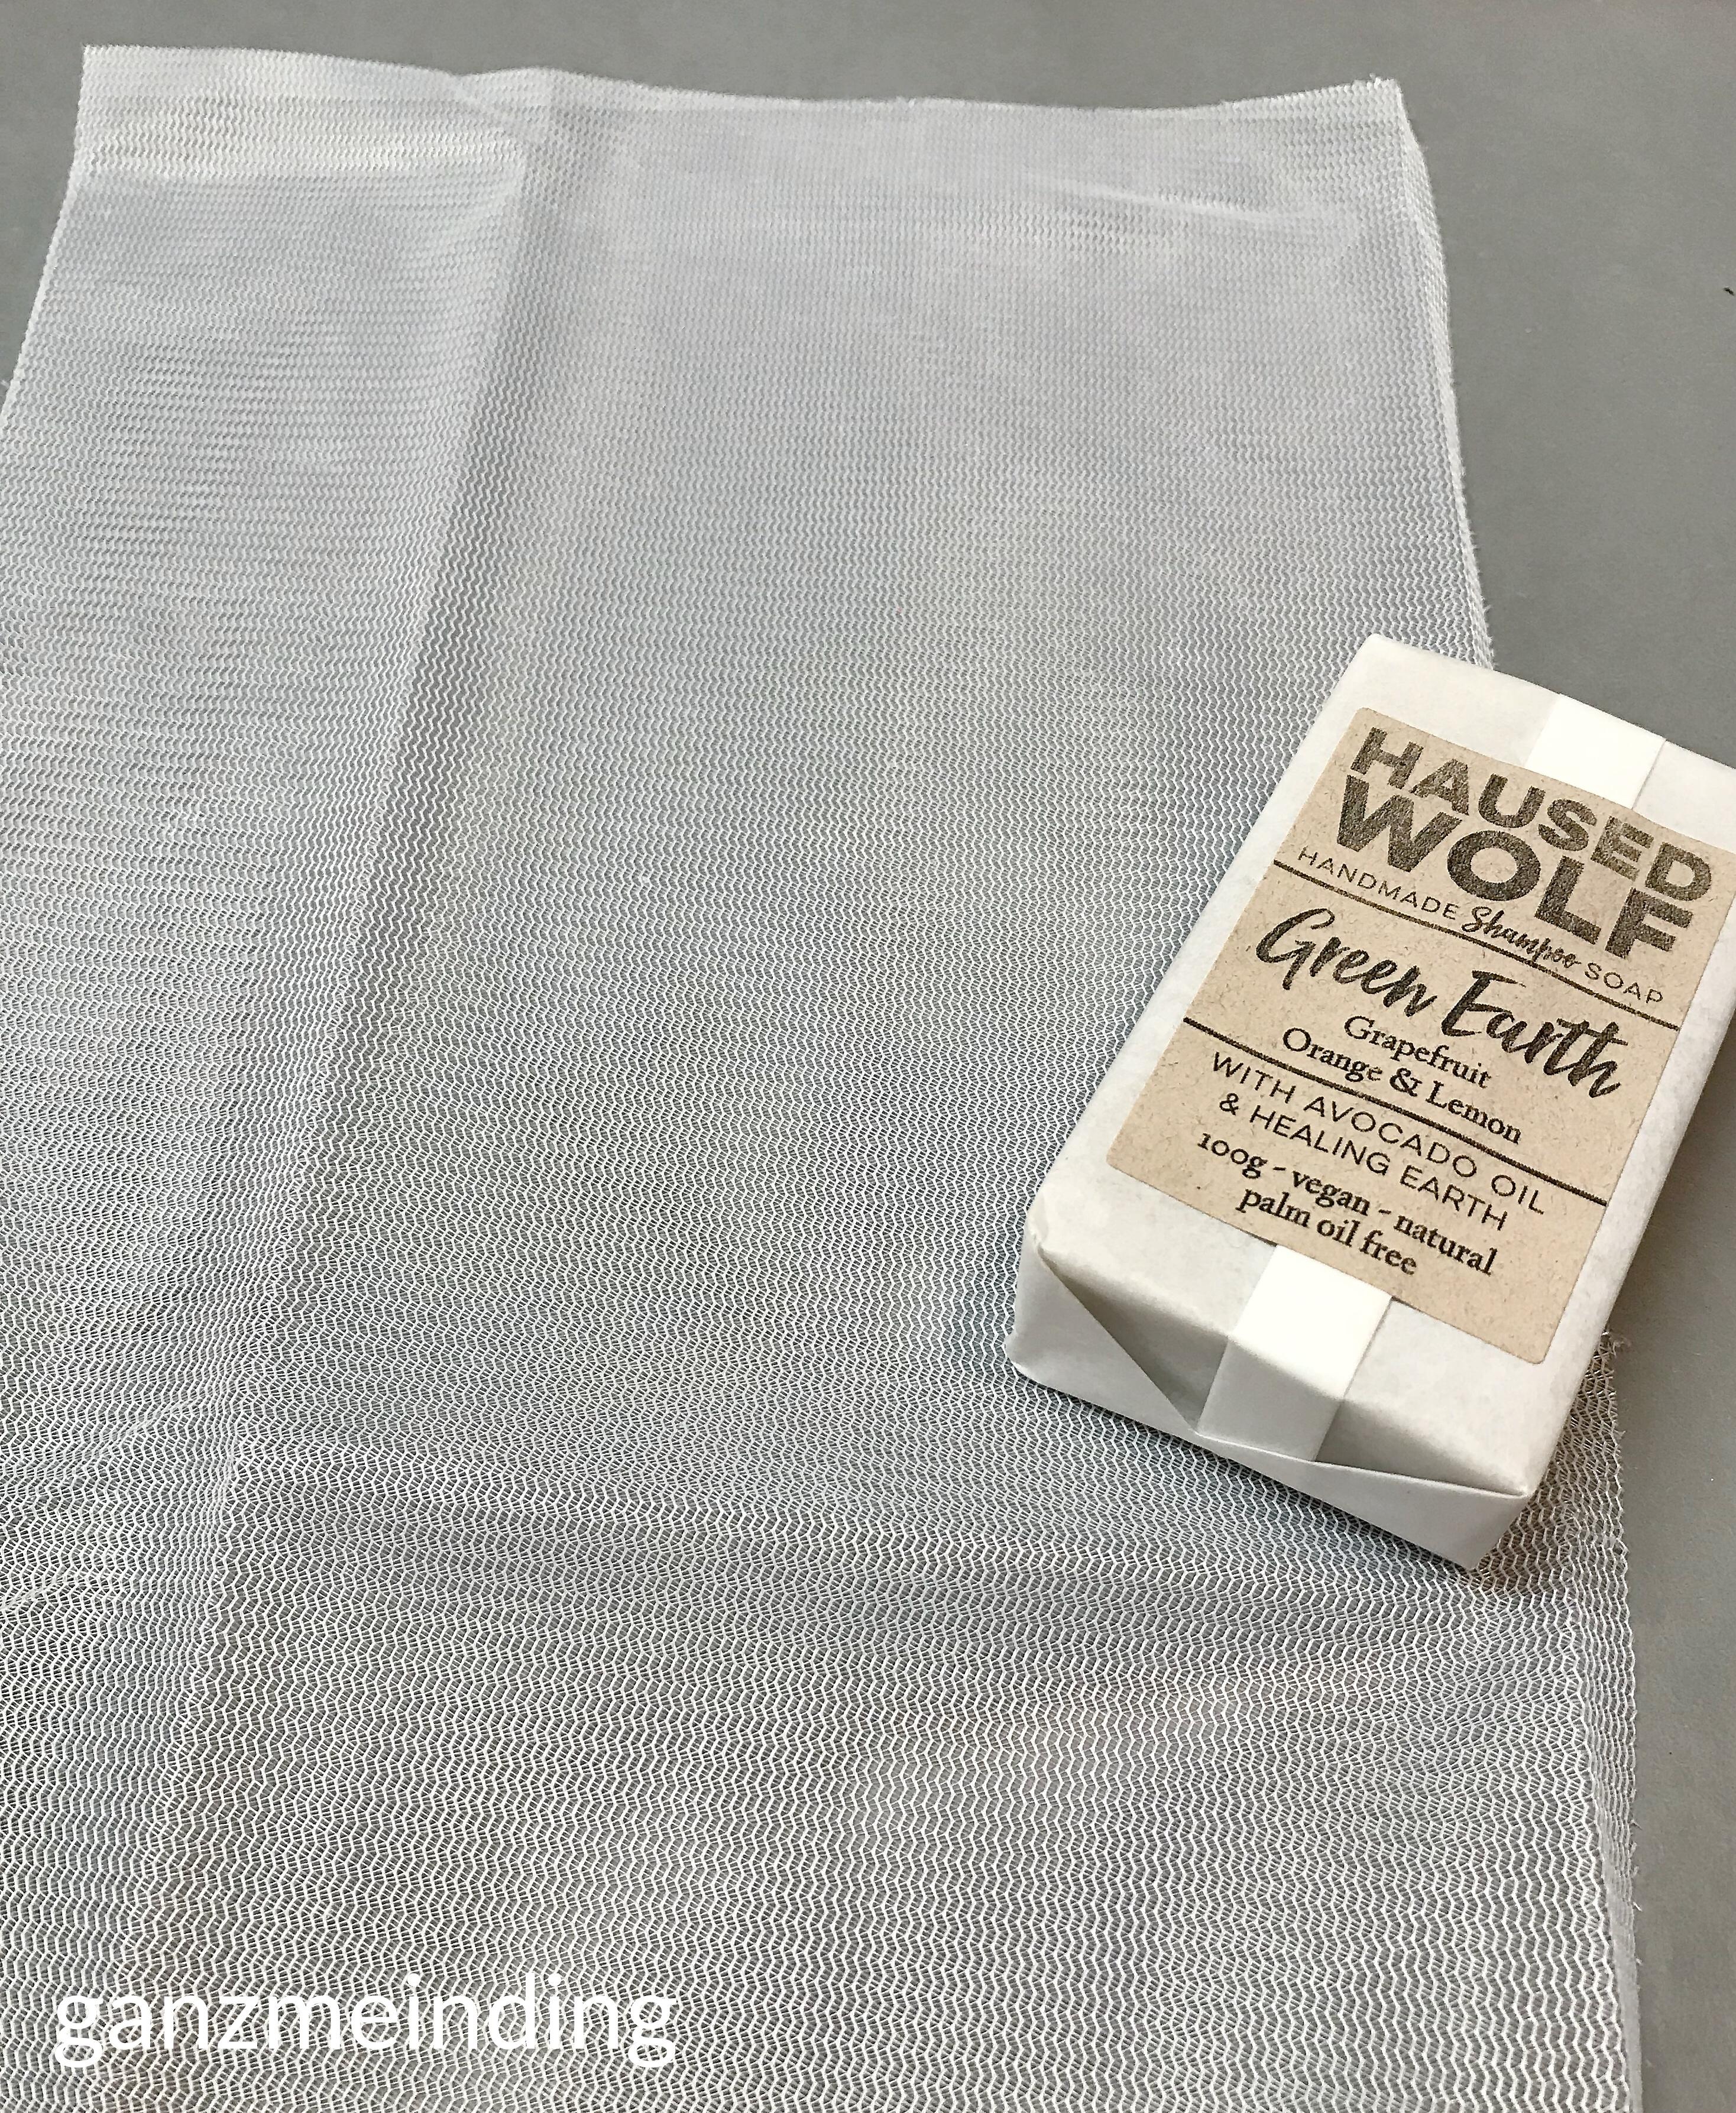 ganzmeinding: gratis Tutorial Seifensäckchen nähen, Seifen Haused Wolf 11